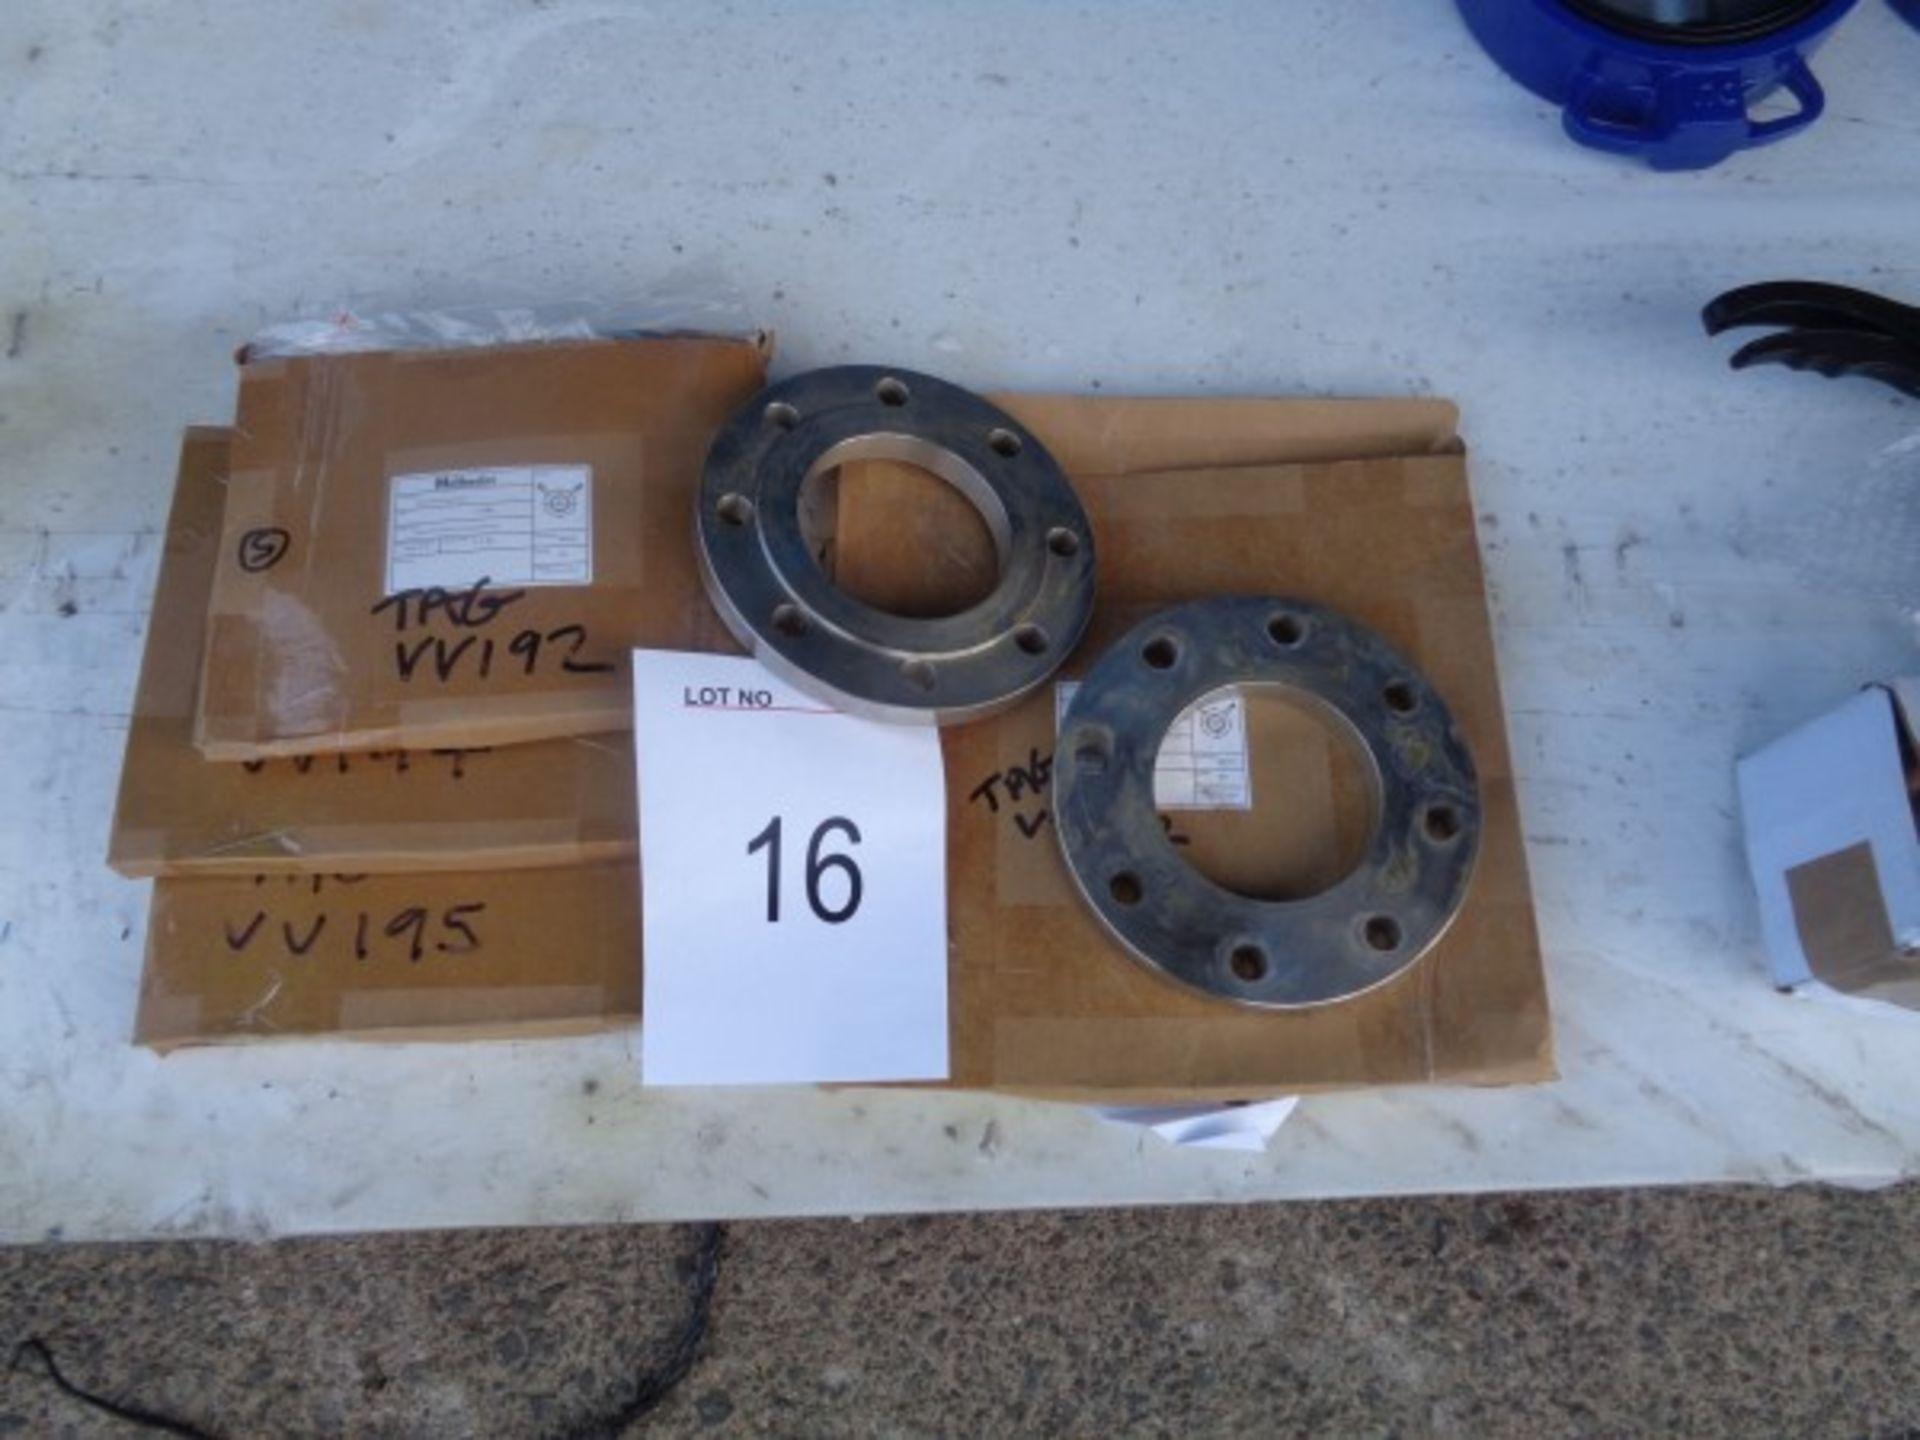 3 x 125 mm Flange mountings, 1 x 150 mm Flange mounting, 2 x 100 mm Flanges